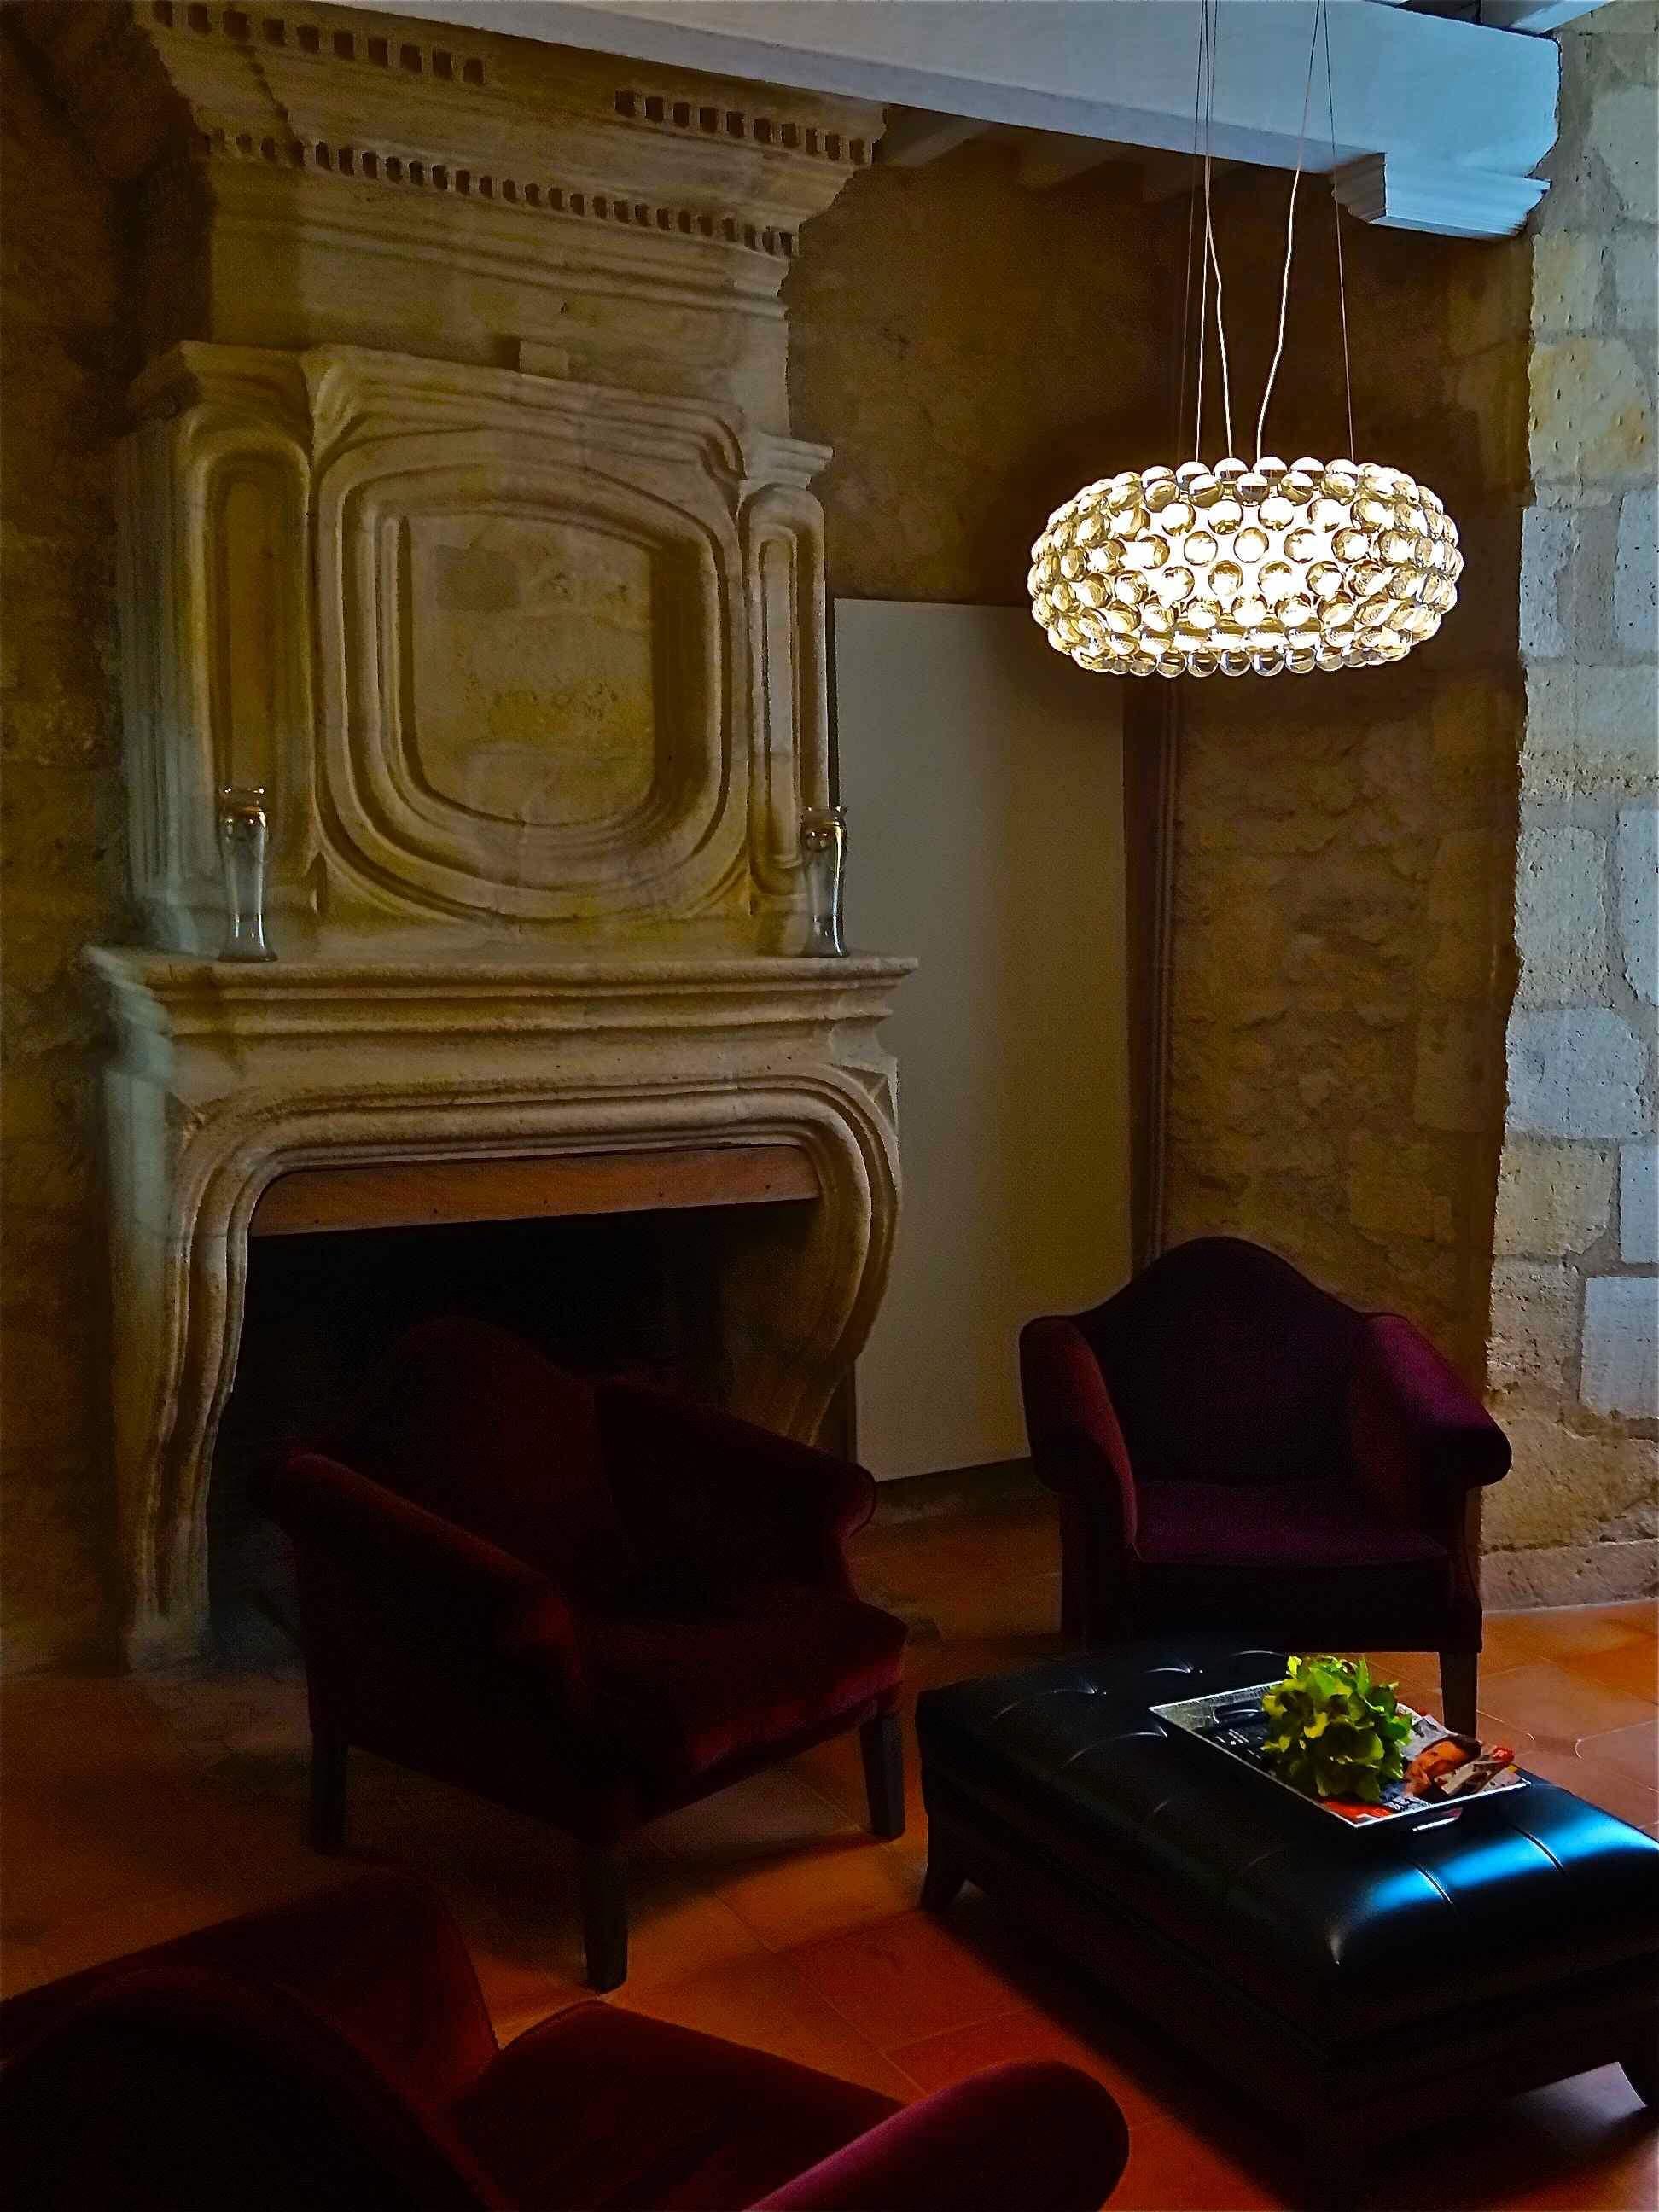 Caboche Suspension - Patricia Urquiola - Foscarini - Château de Courtebotte - Et La Lumiere